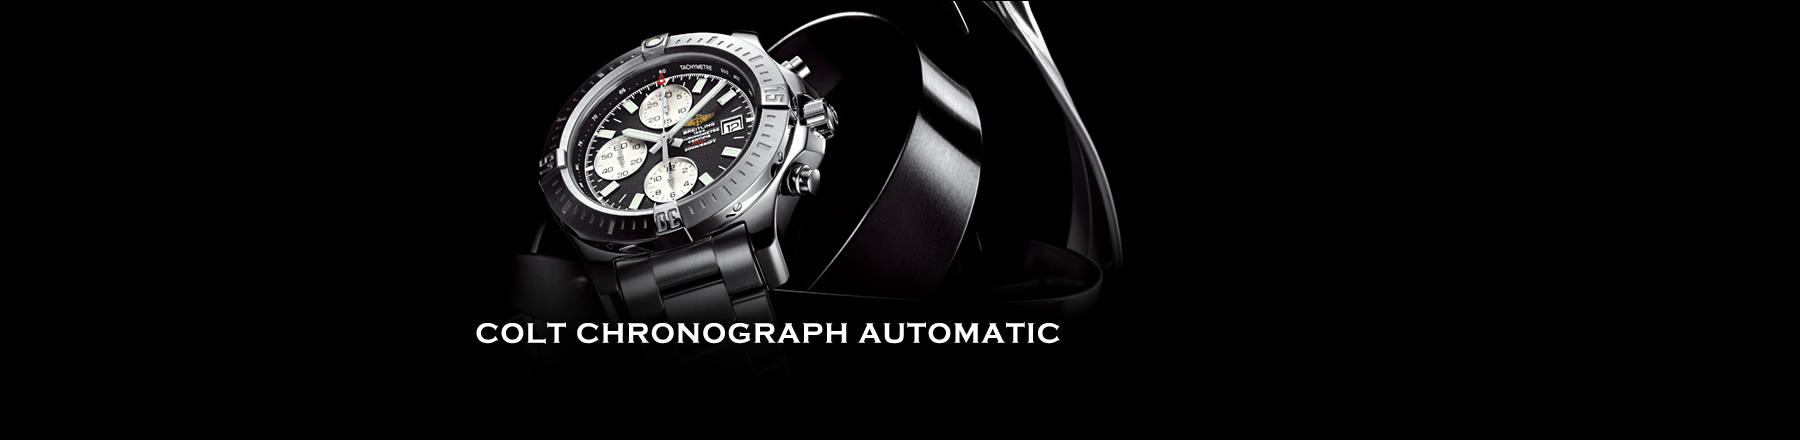 COLT CHRONOGRAPH AUTOMATIC